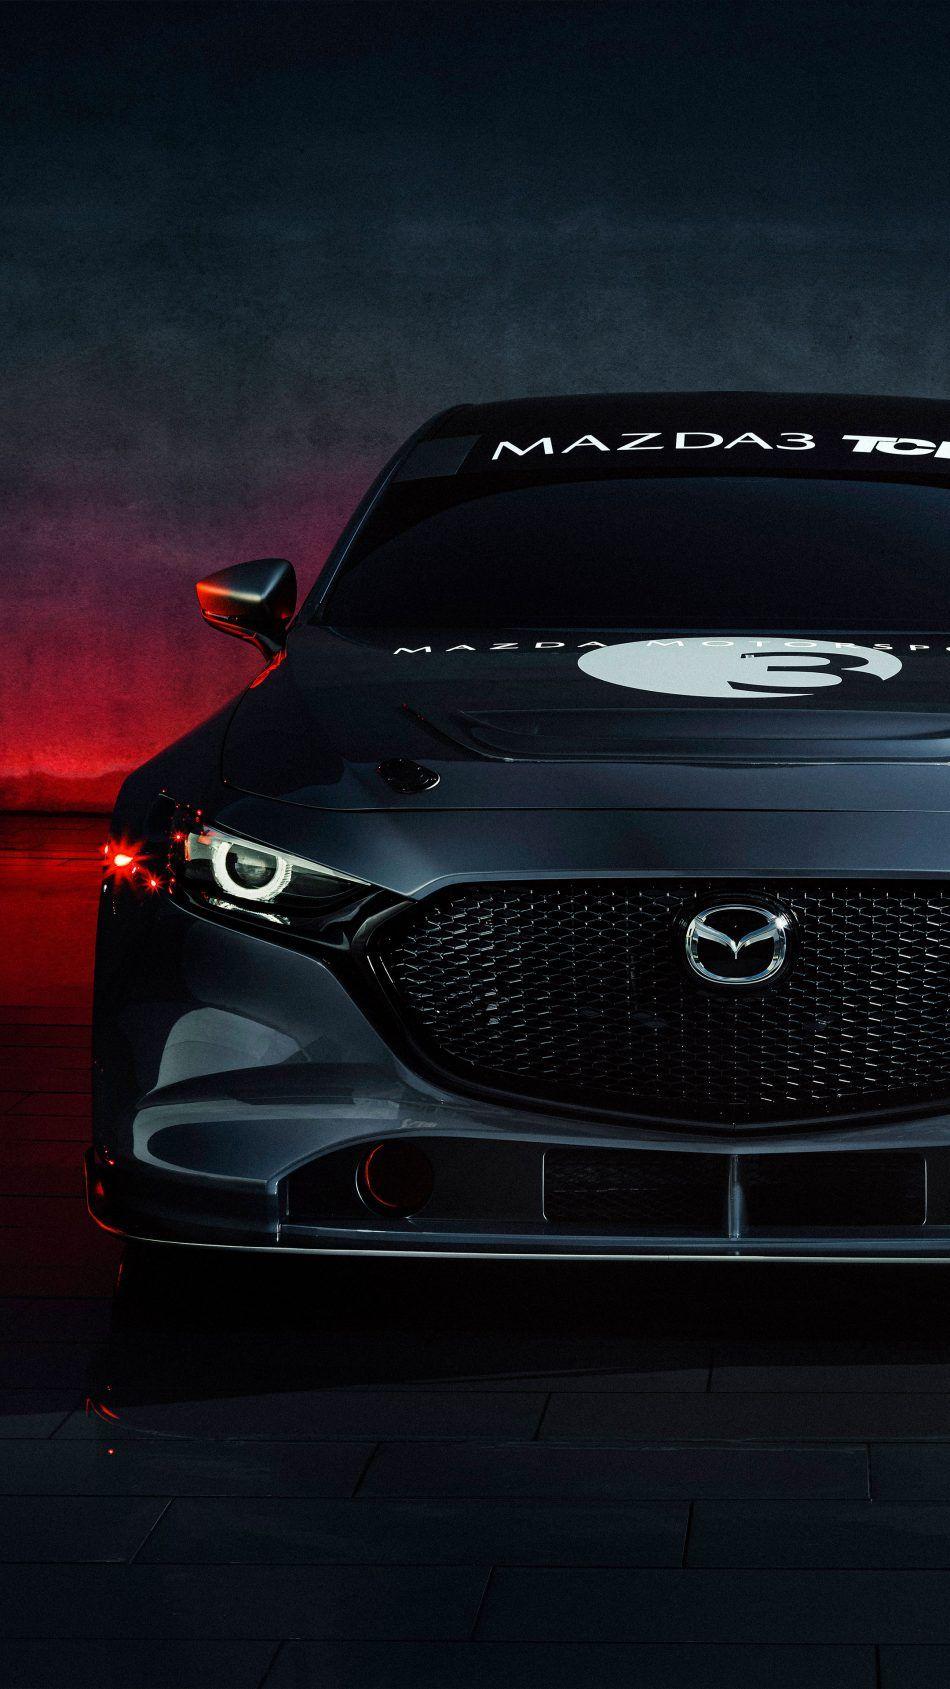 Mazda 3 Tcr Race Car 4k Ultra Hd Mobile Wallpaper Mazda 3 Mazda Mazda 3 Hatchback